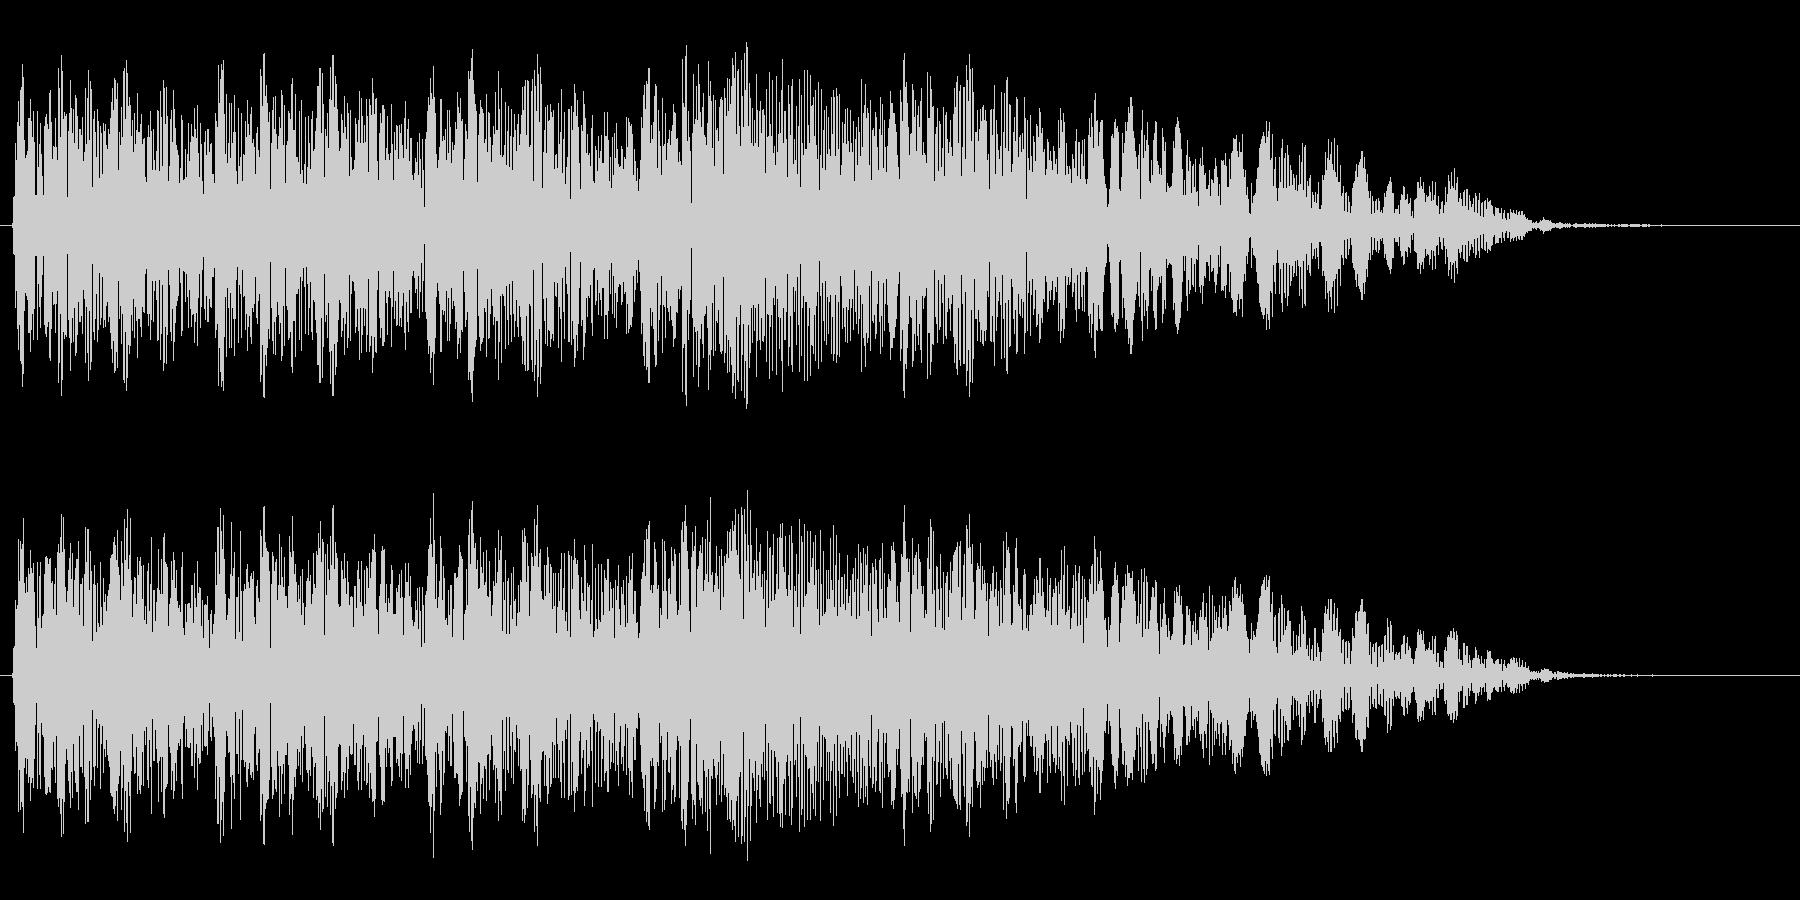 ブォーンブォーン・・・(不吉な効果音)の未再生の波形